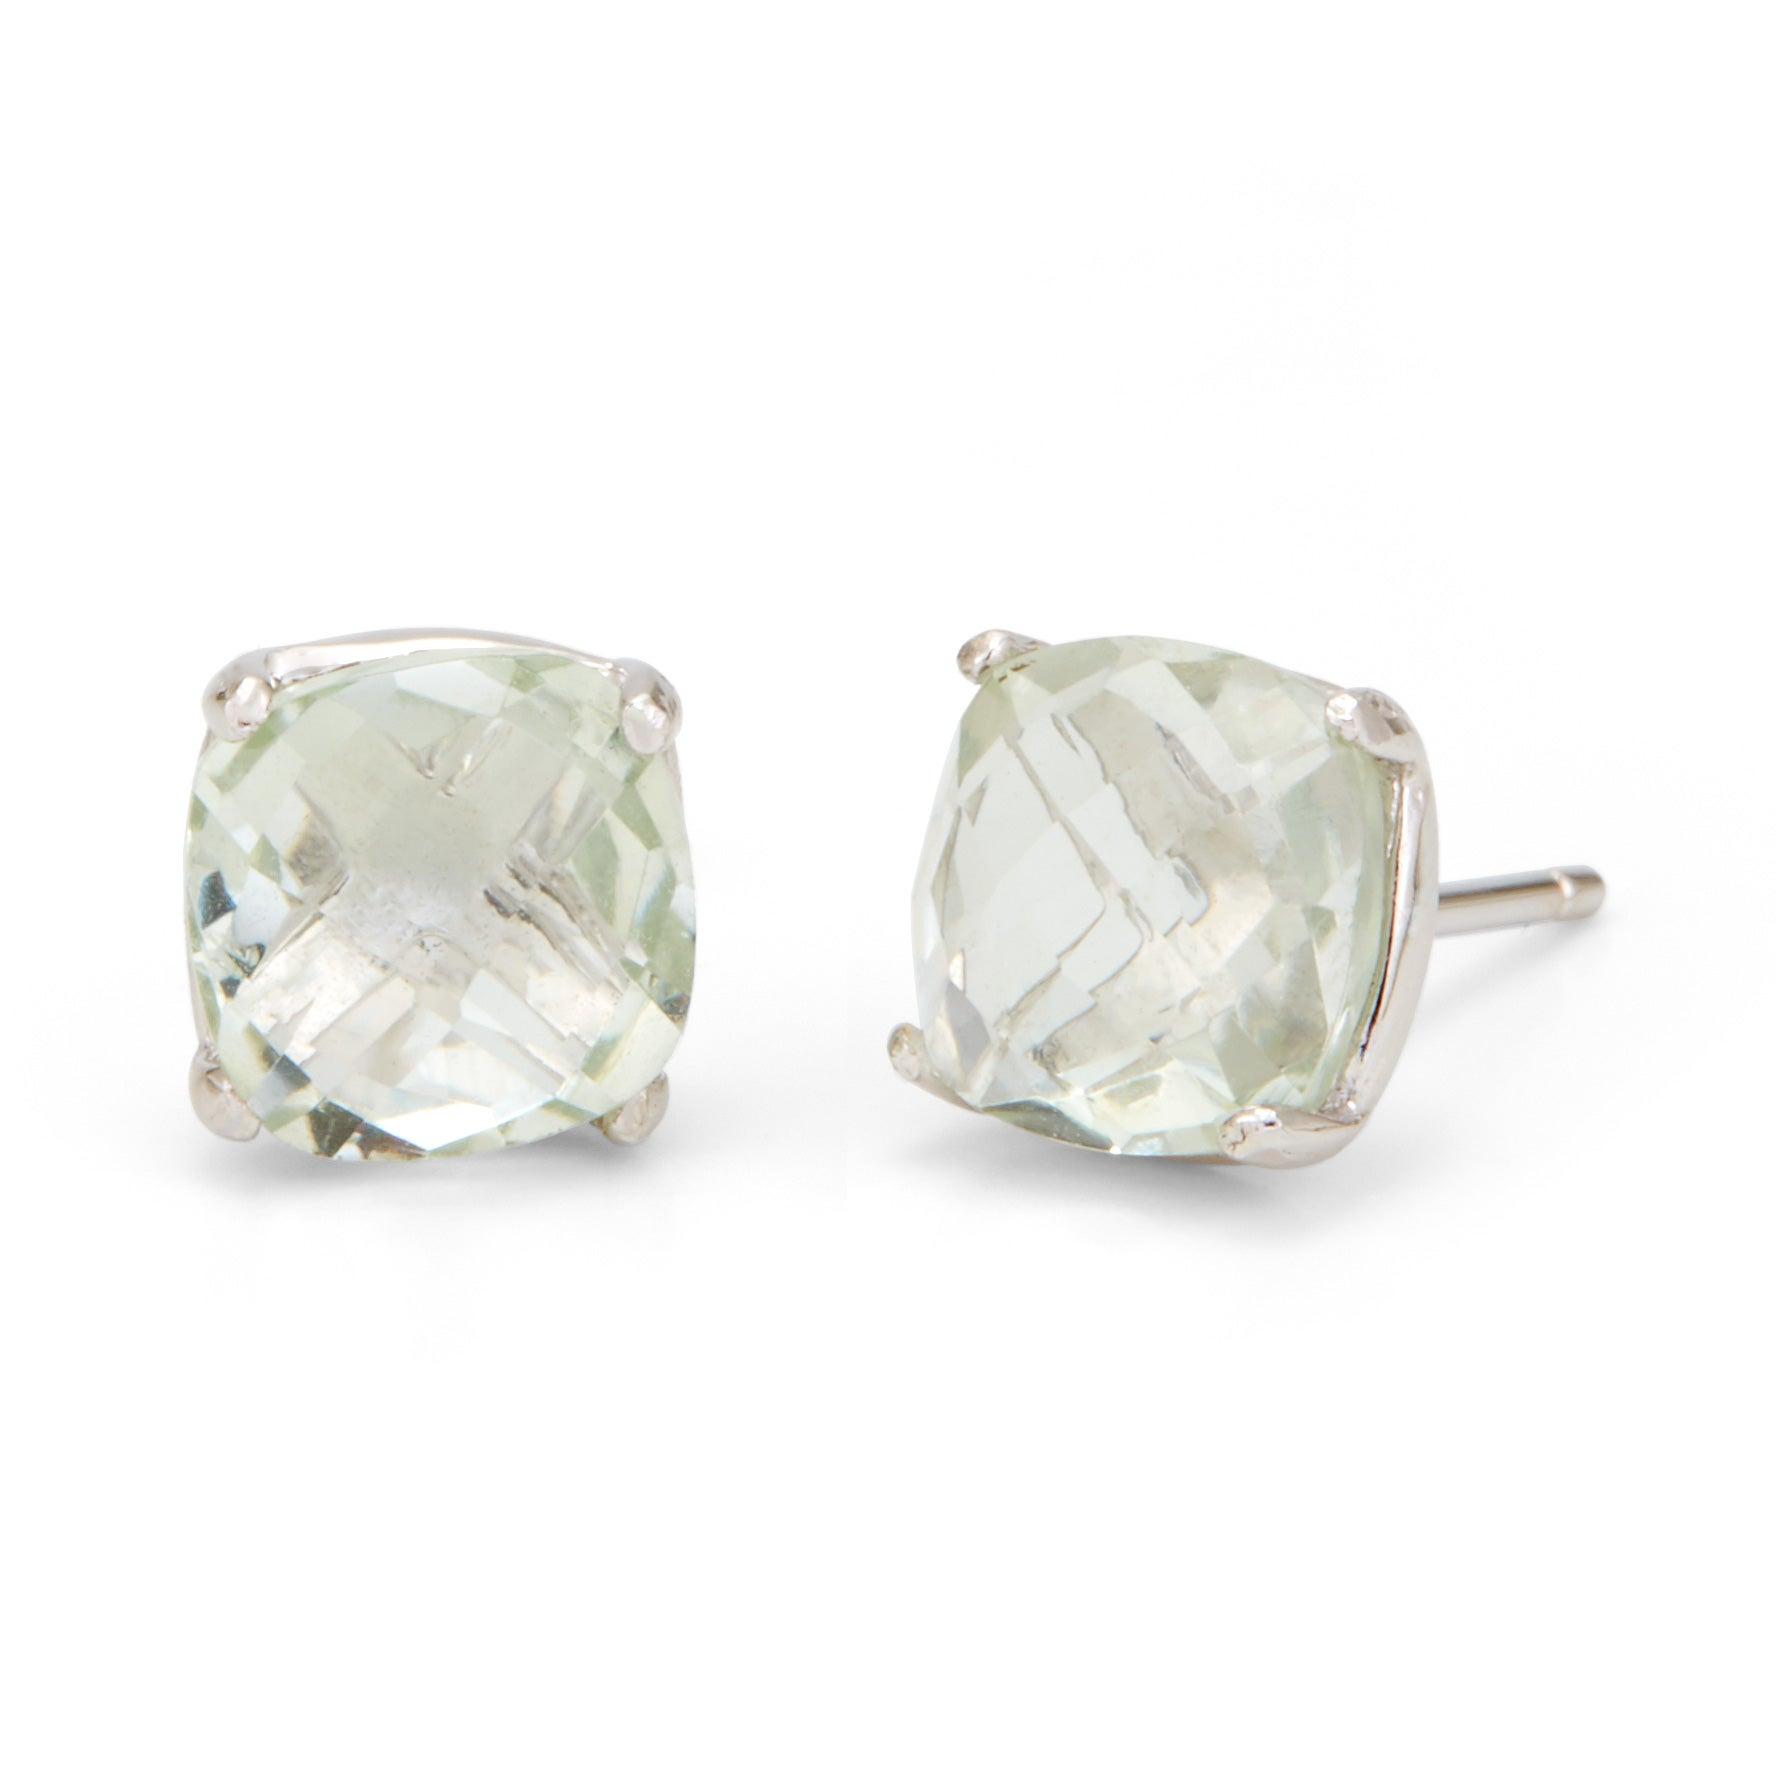 Green Amethyst Cushion Cut Gemstone Silver Earrings